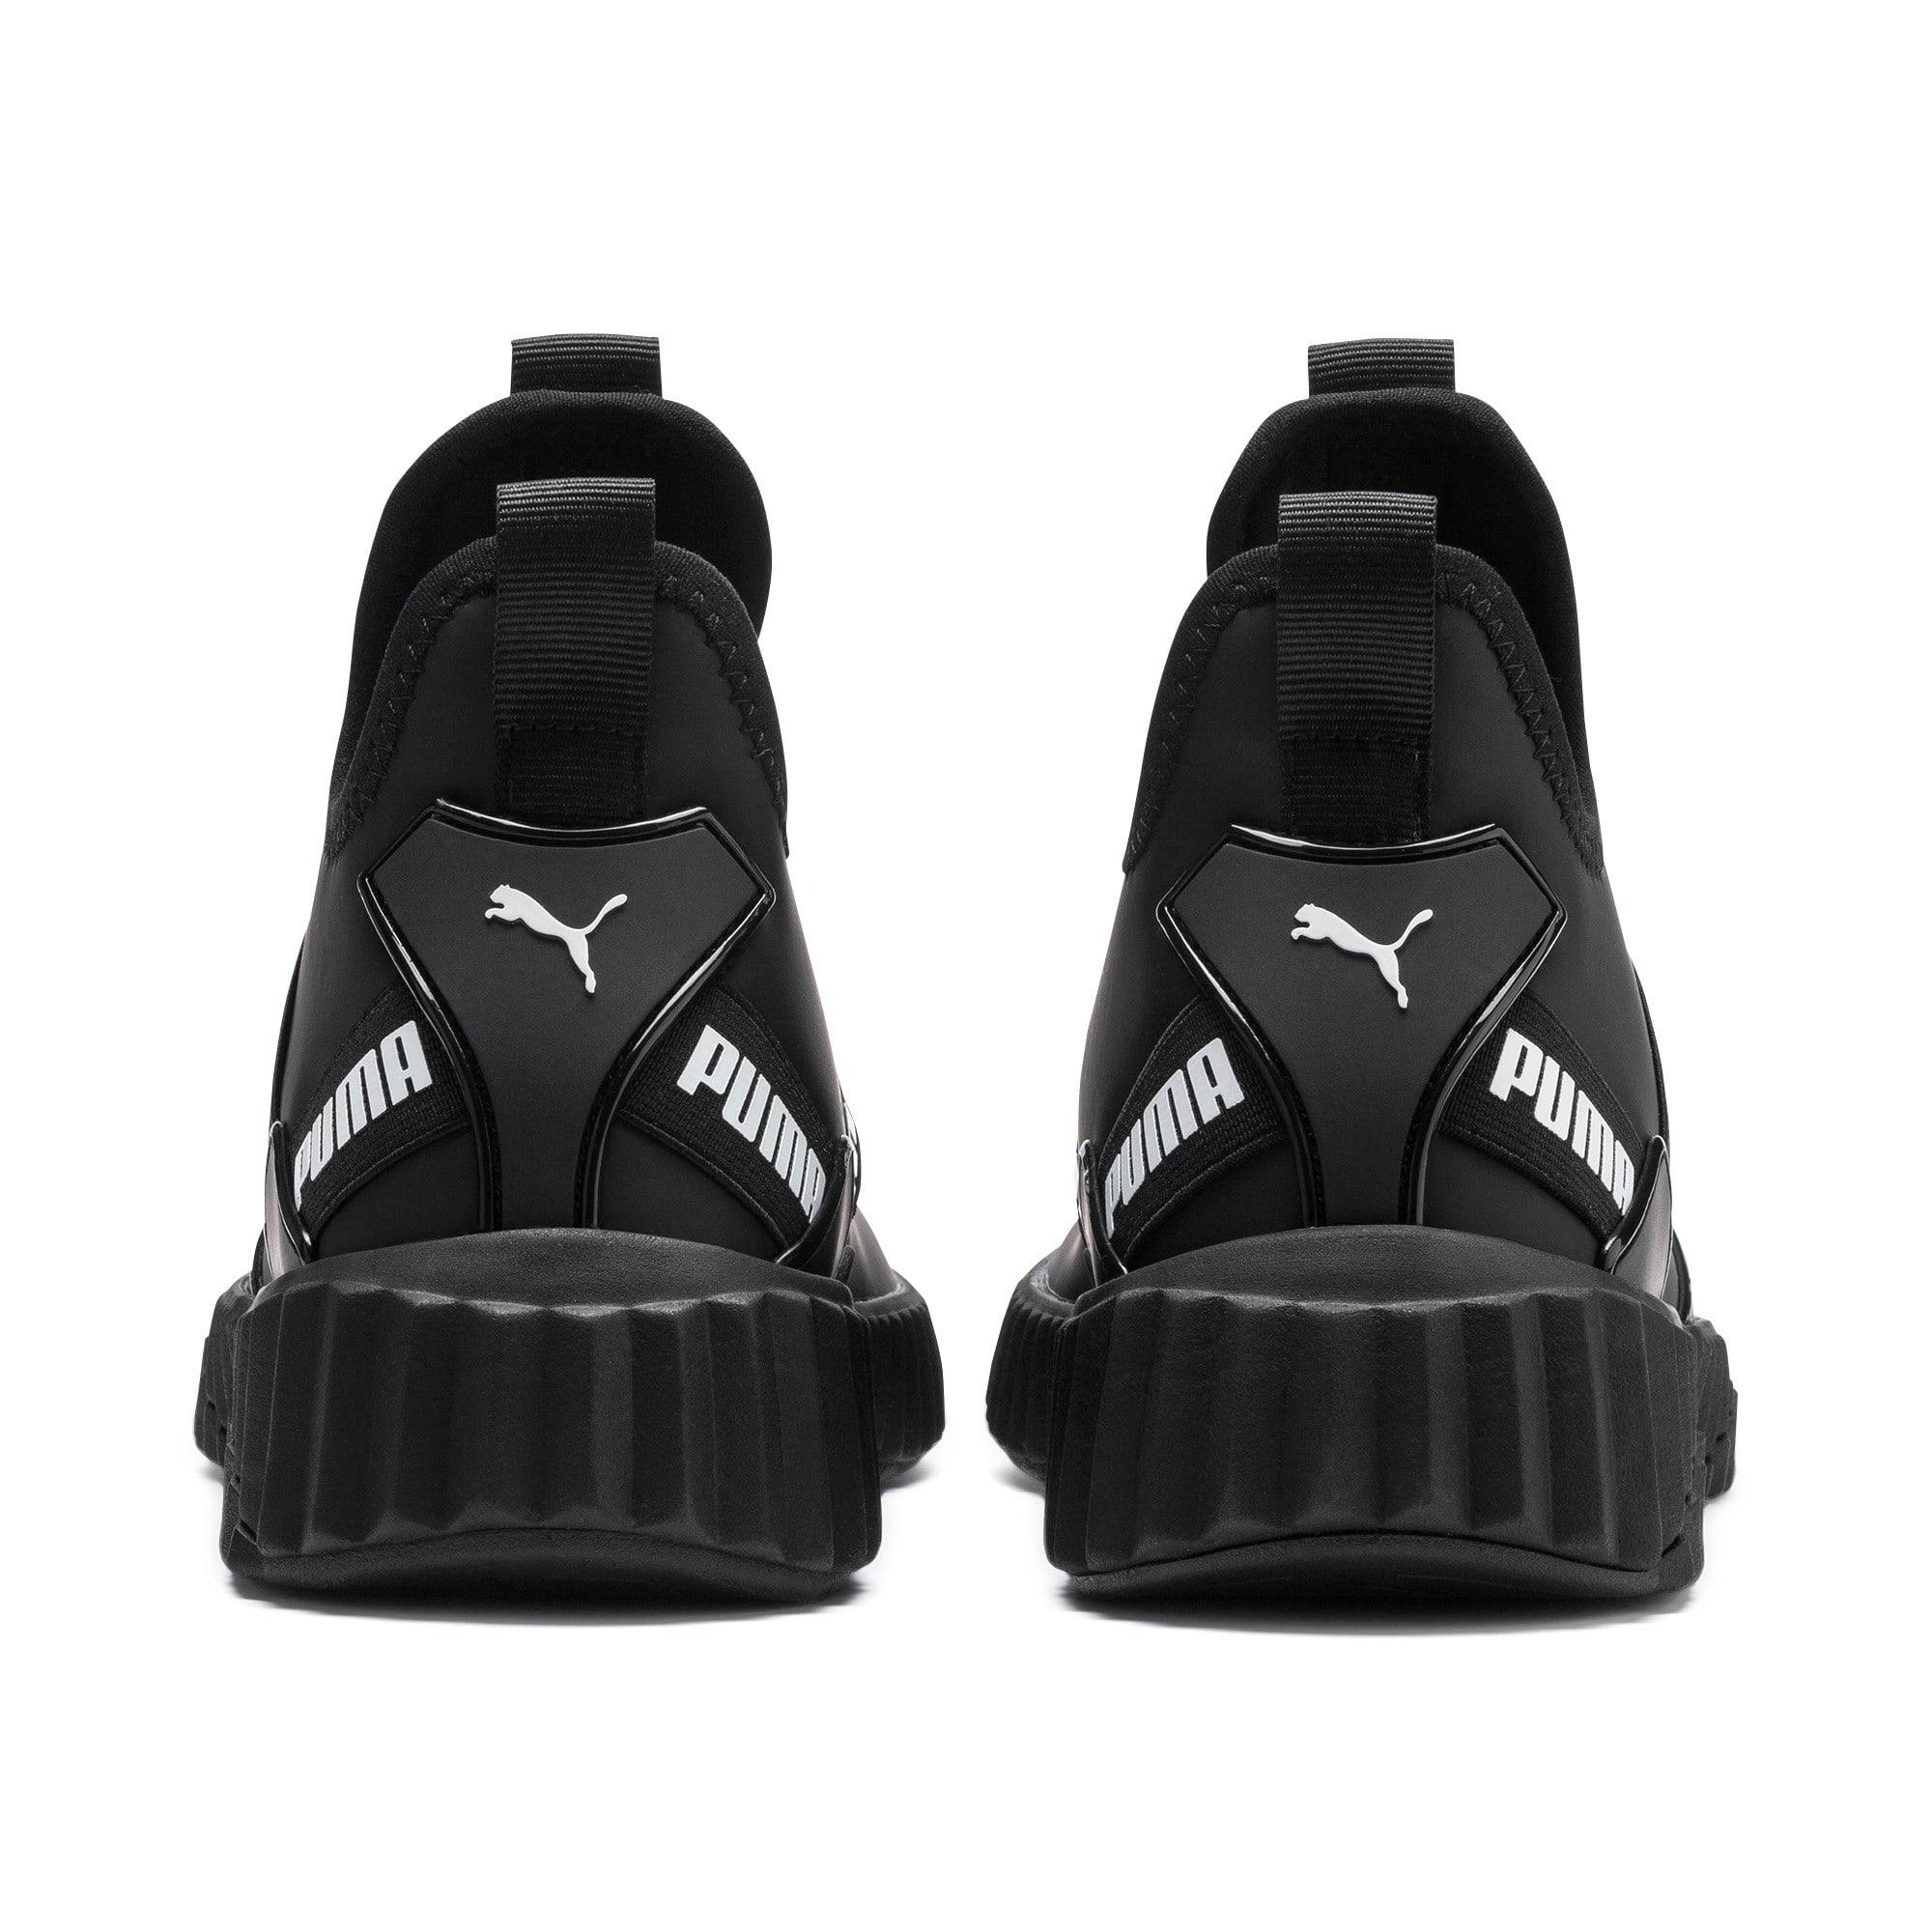 Imagen en miniatura 4 de Zapatillas de mujer Defy Mid Matte, Puma Black-Puma White, mediana